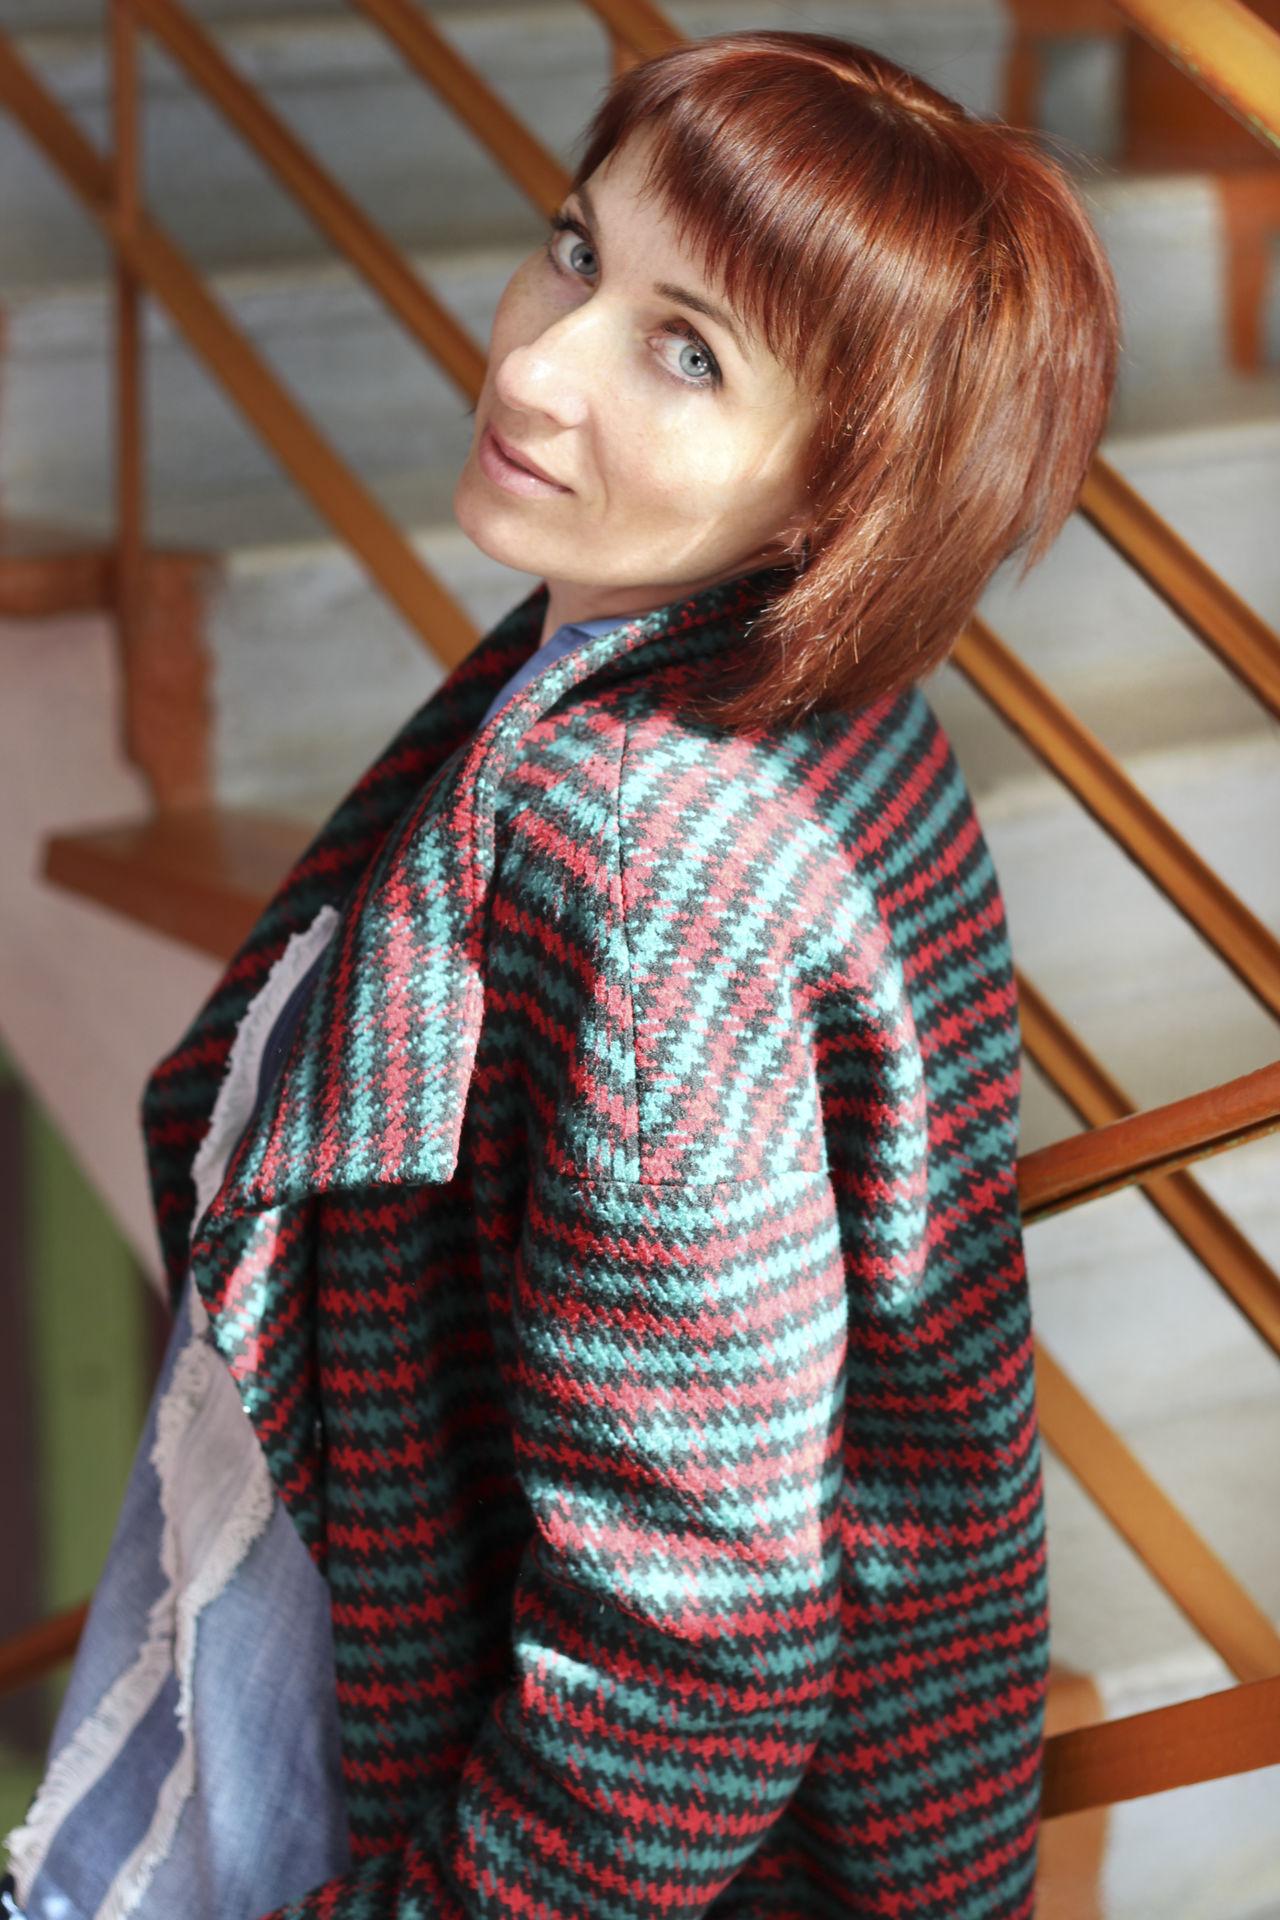 осень девушка лестница Школа рыжий солнце блеск сияние глаза  доброта мечты надежда ступеньки отражение свет Art Is Everywhere